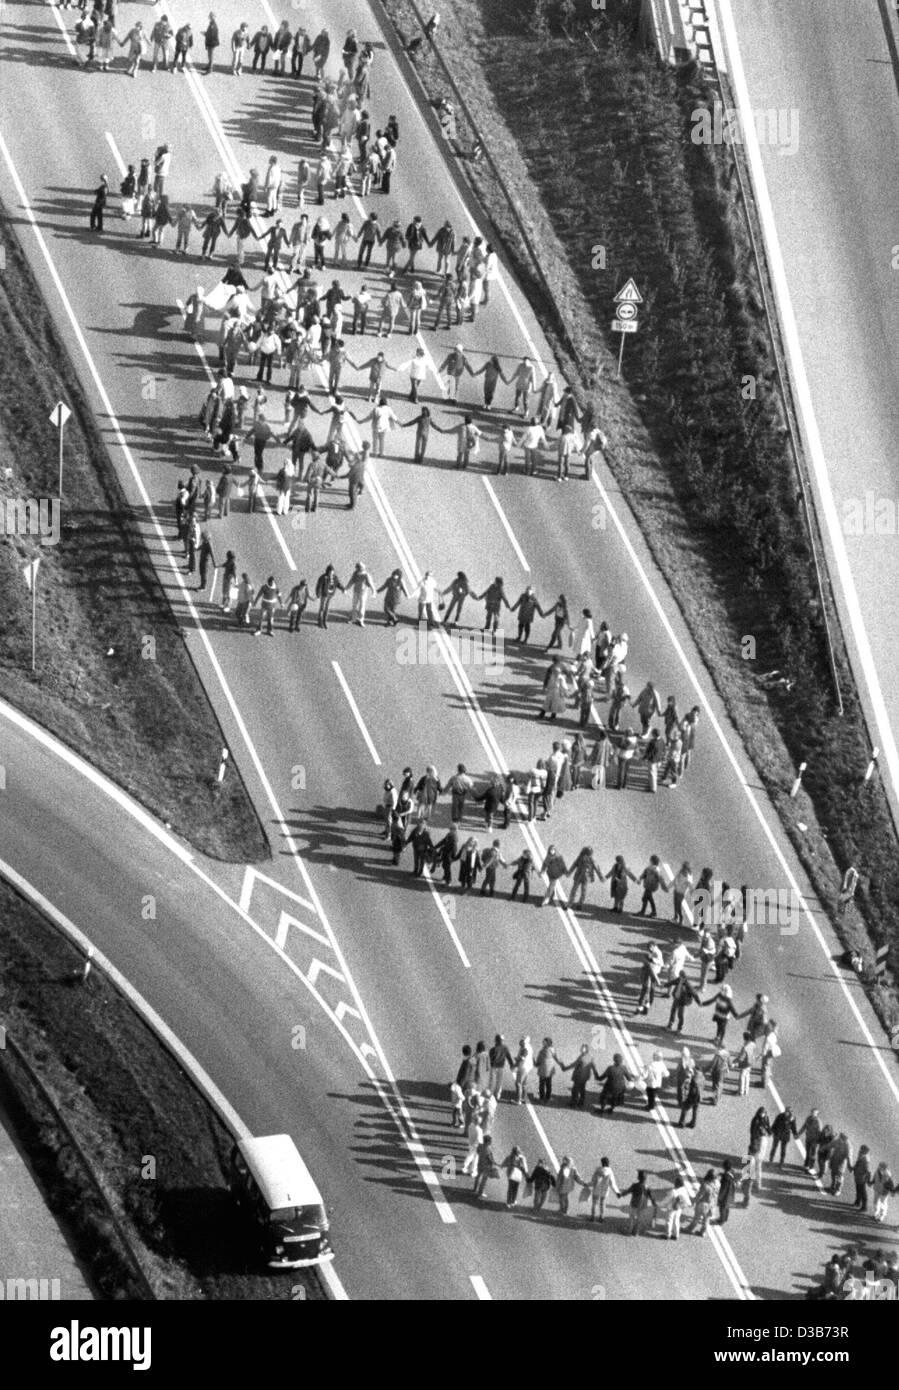 Los archivos de datos (DPA) - Una vista aérea muestra una línea de paz a los manifestantes, que protestaban Imagen De Stock